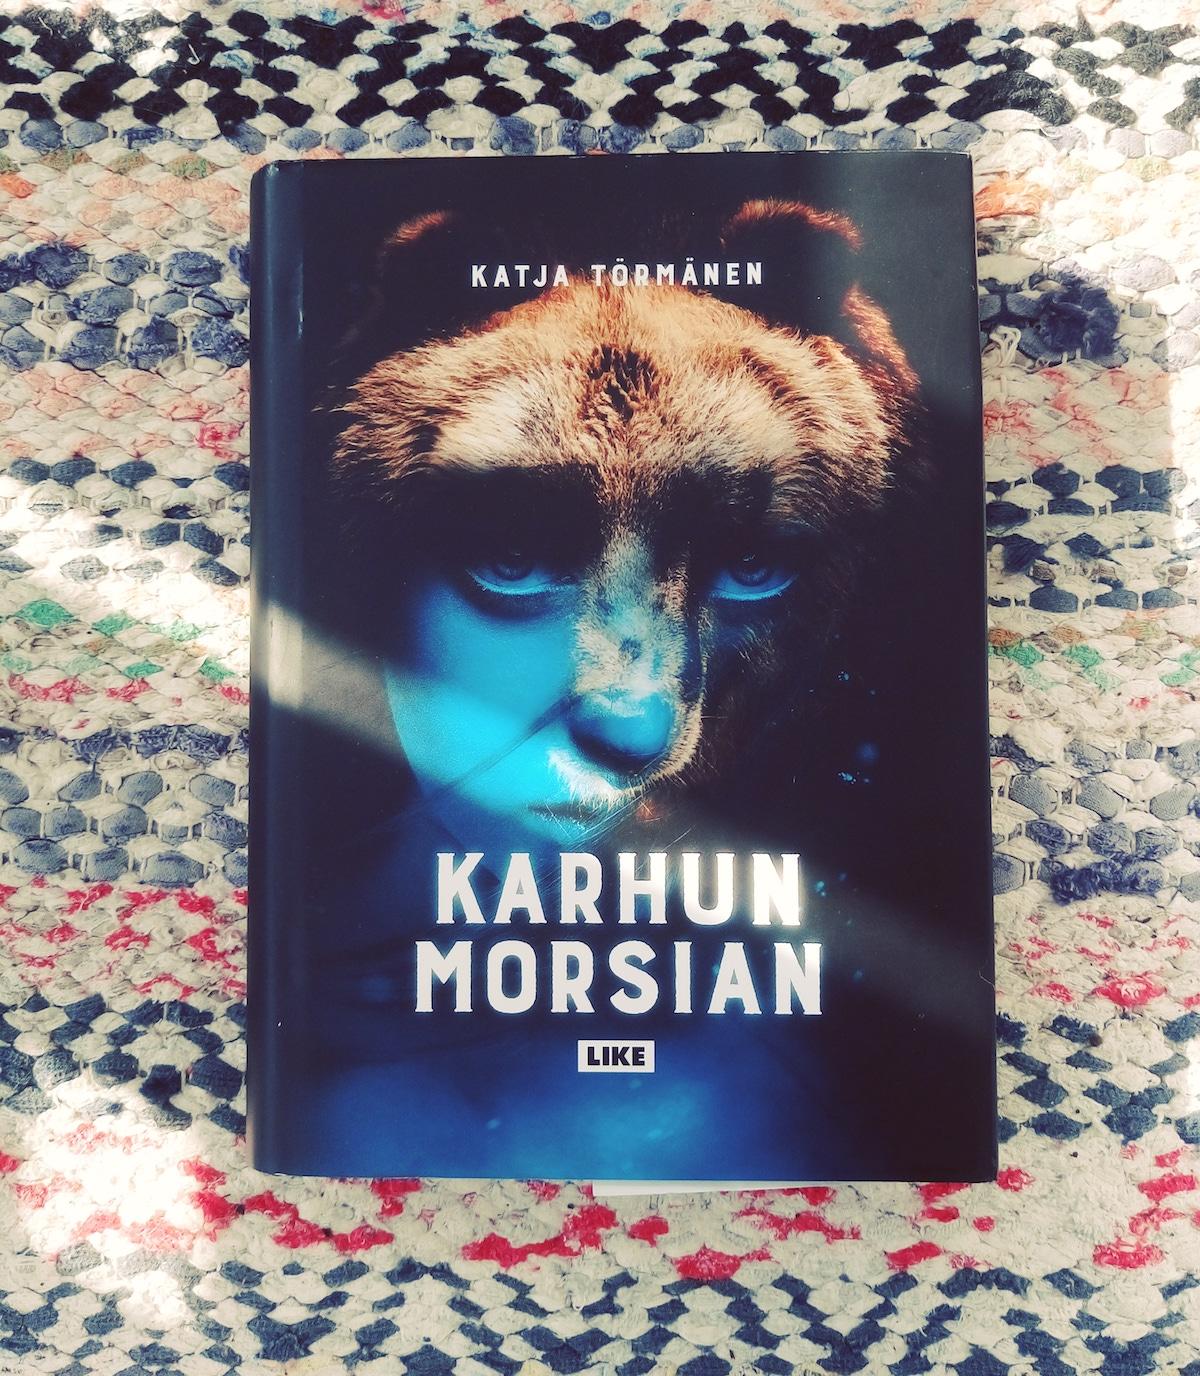 Karhun Morsian